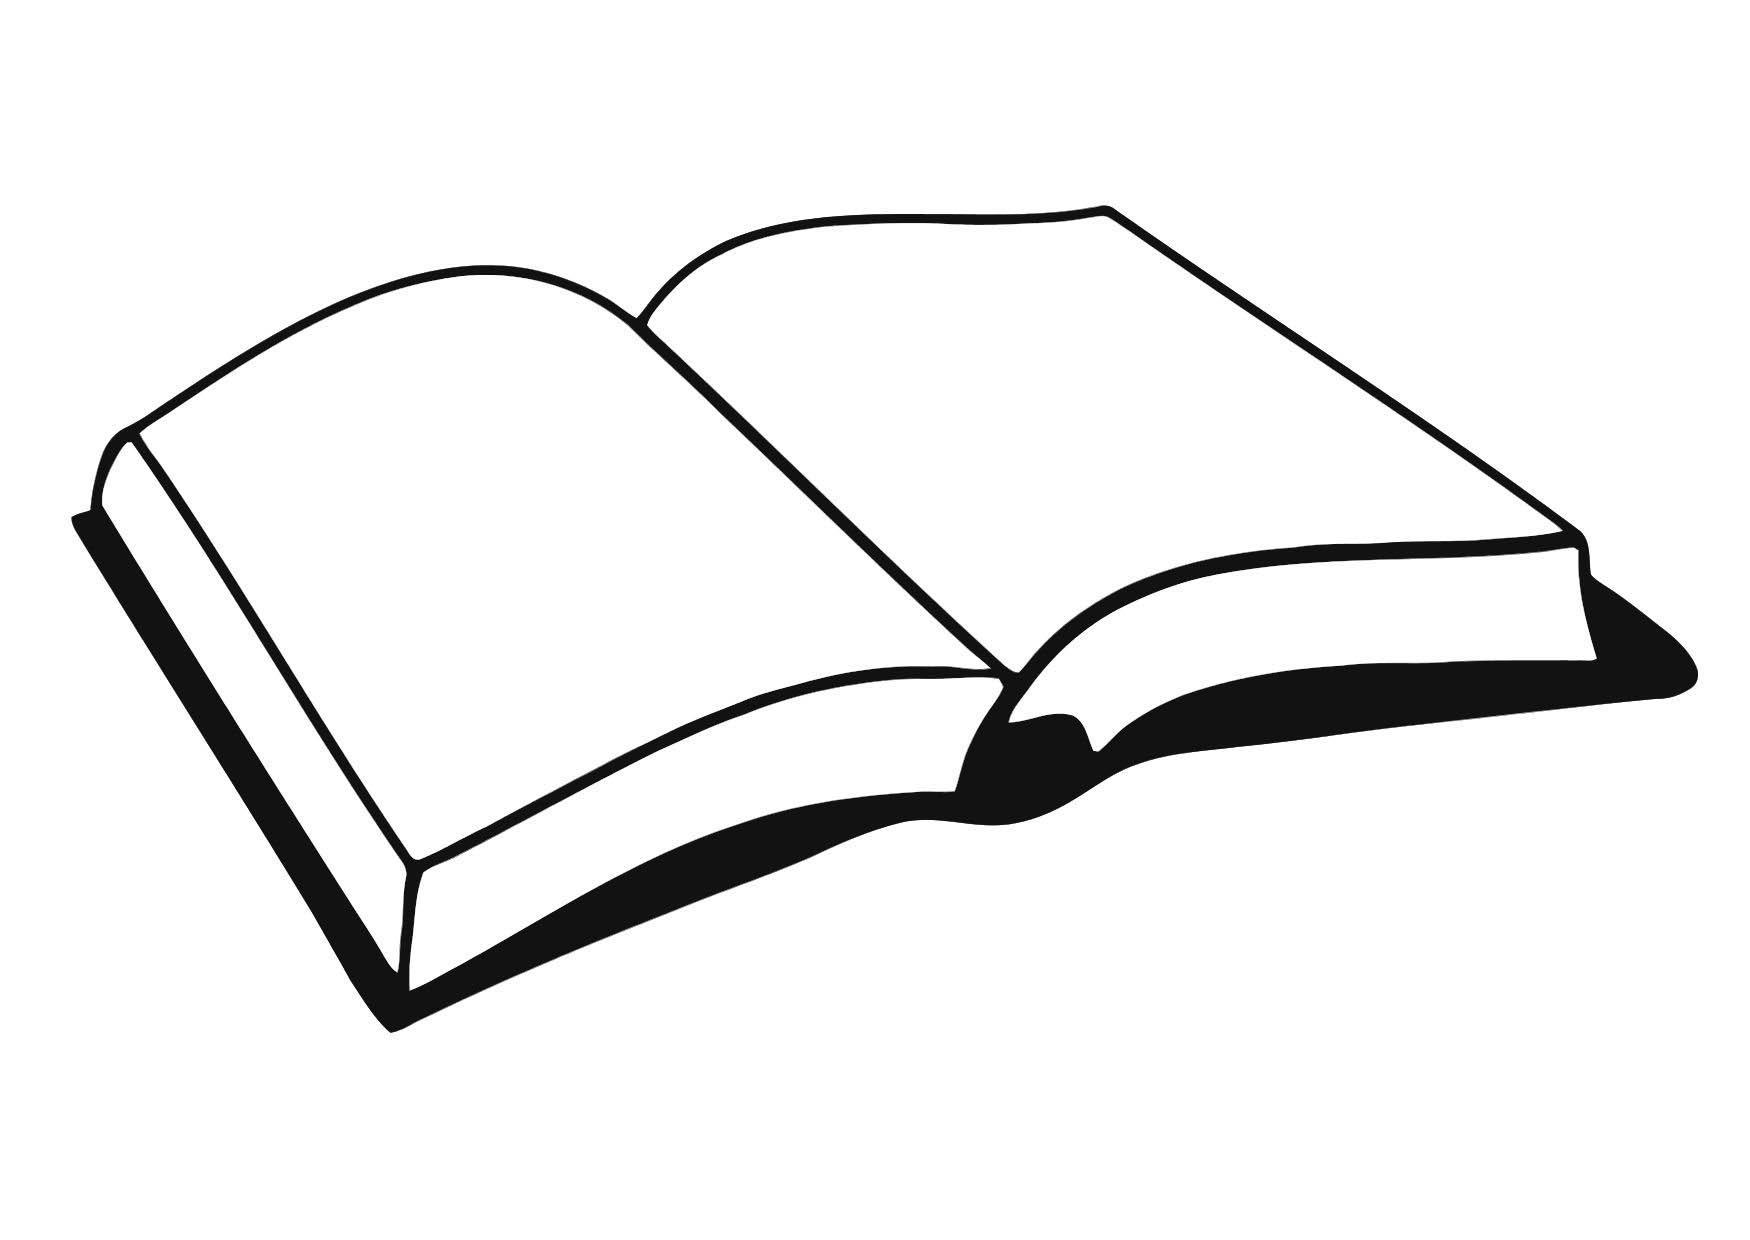 Página para colorir livro  img 11433